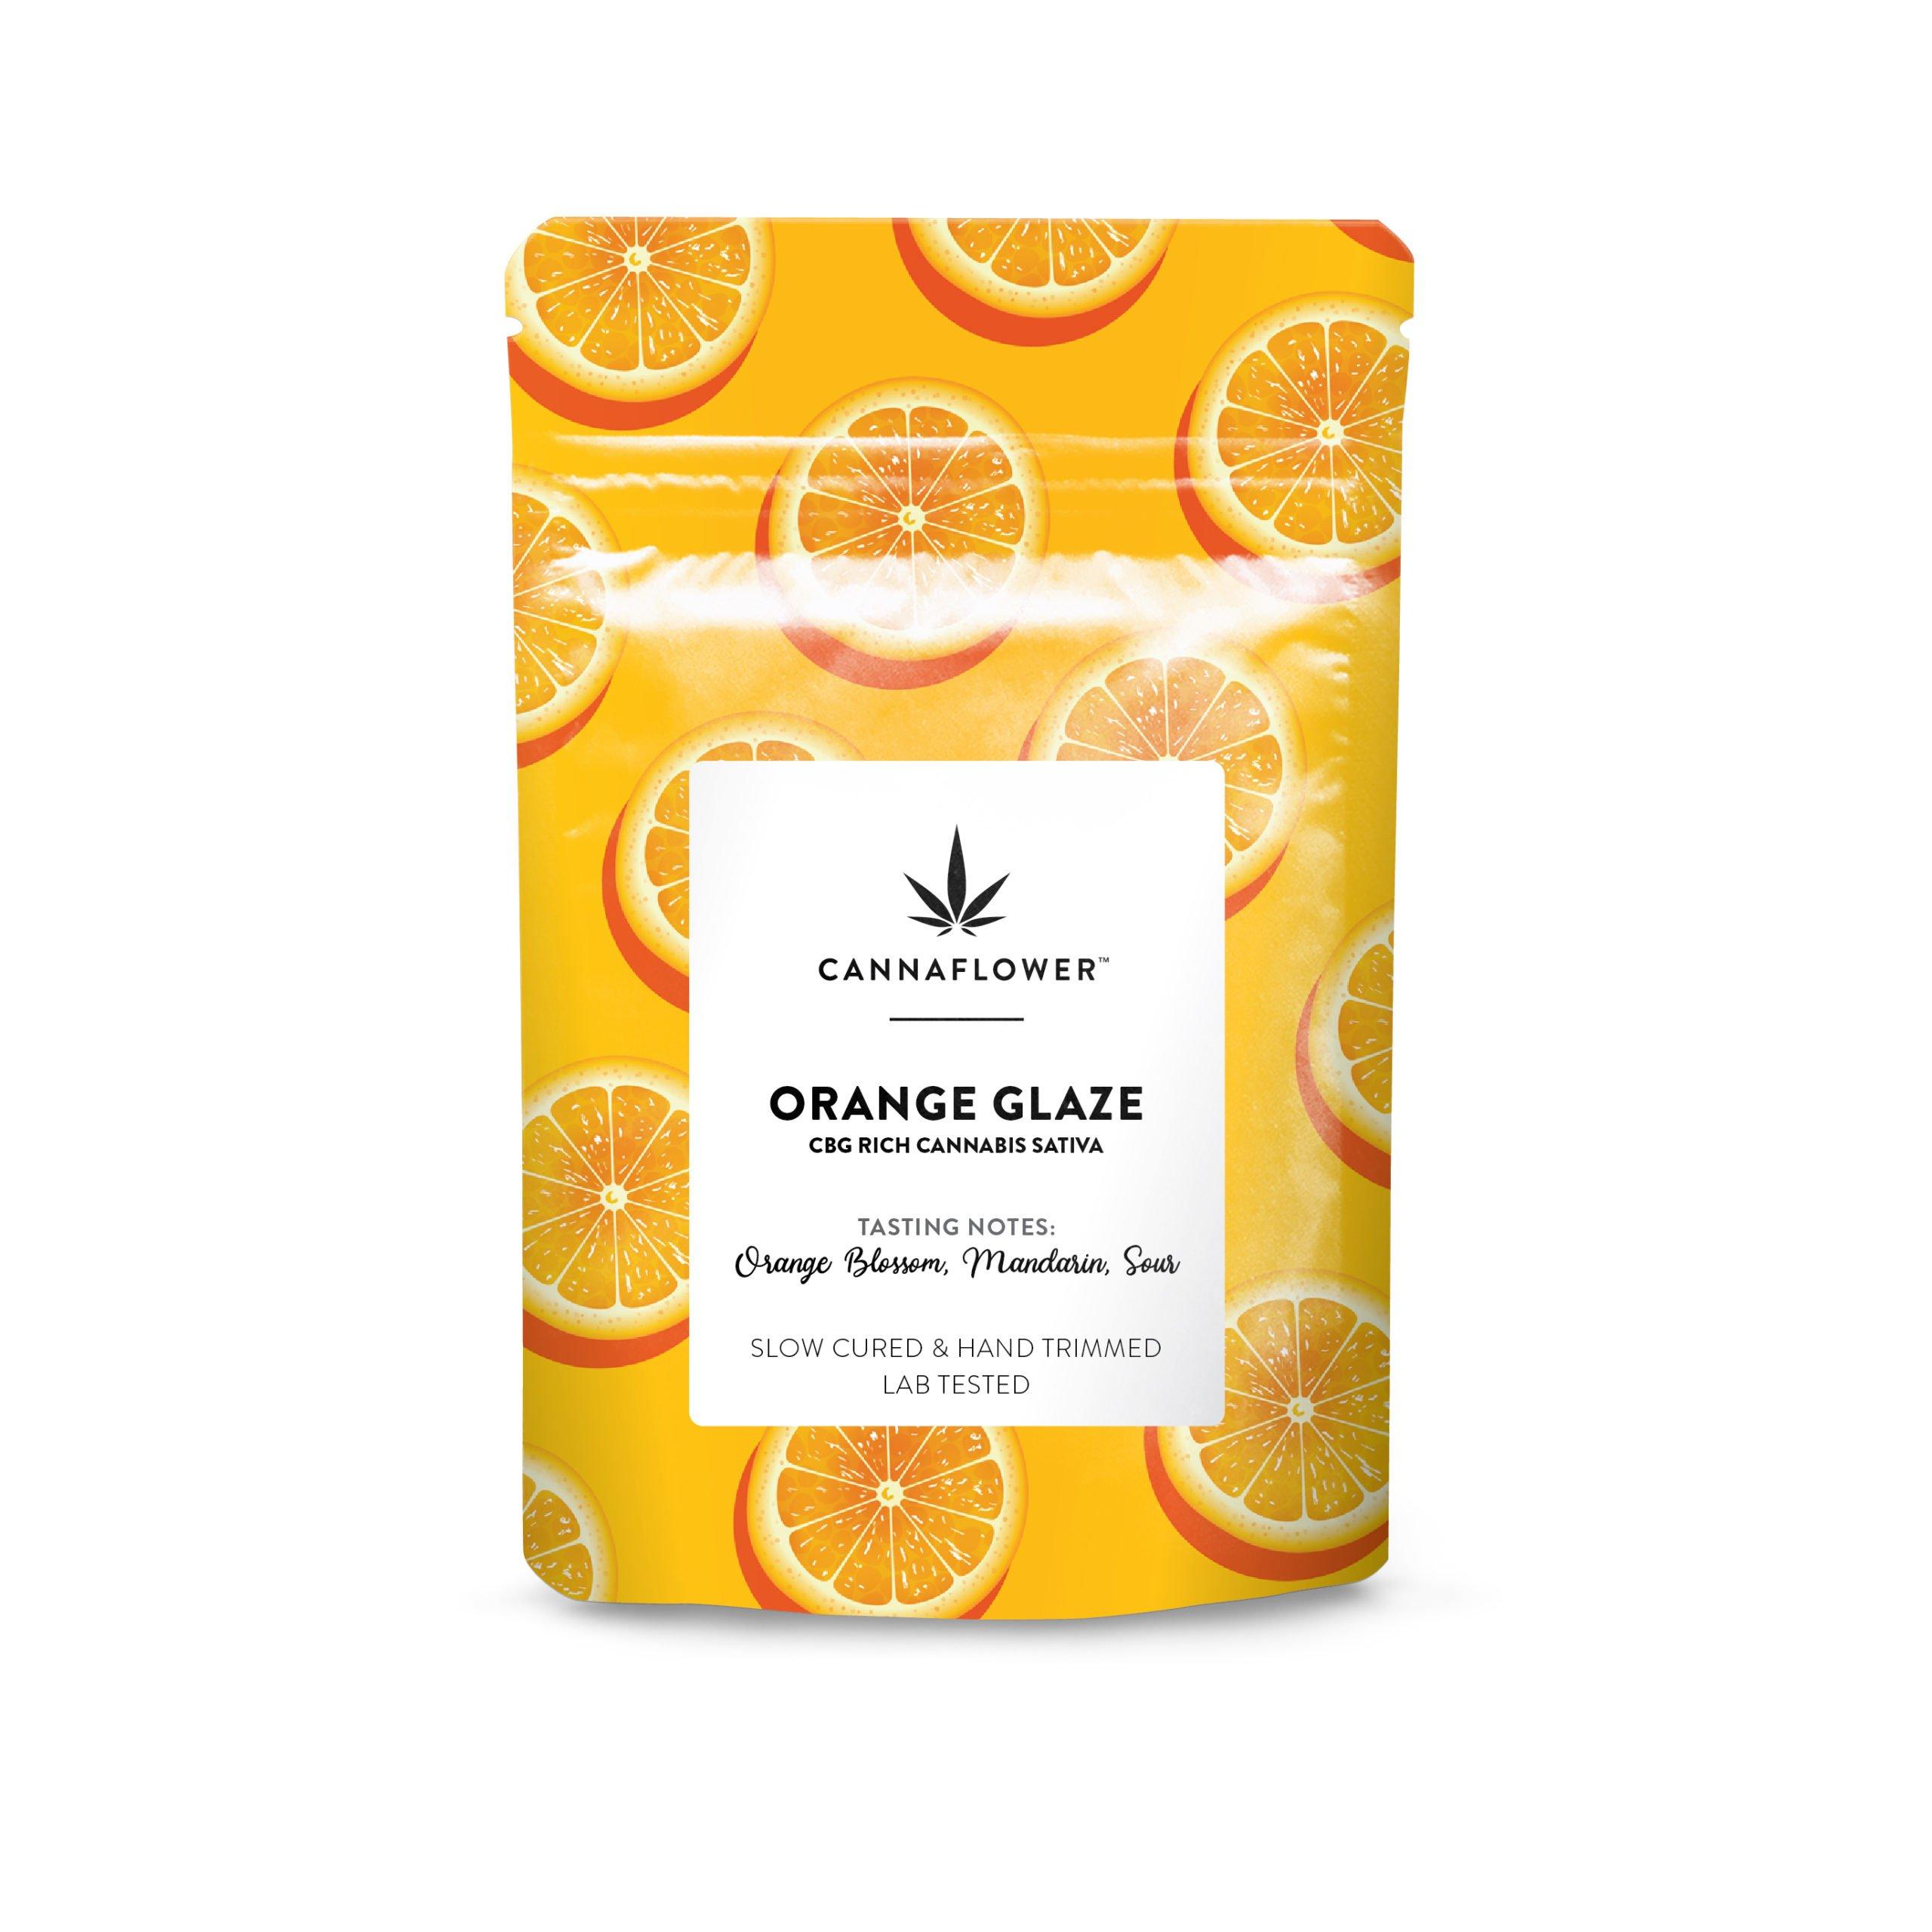 Cannaflower Orange Glaze